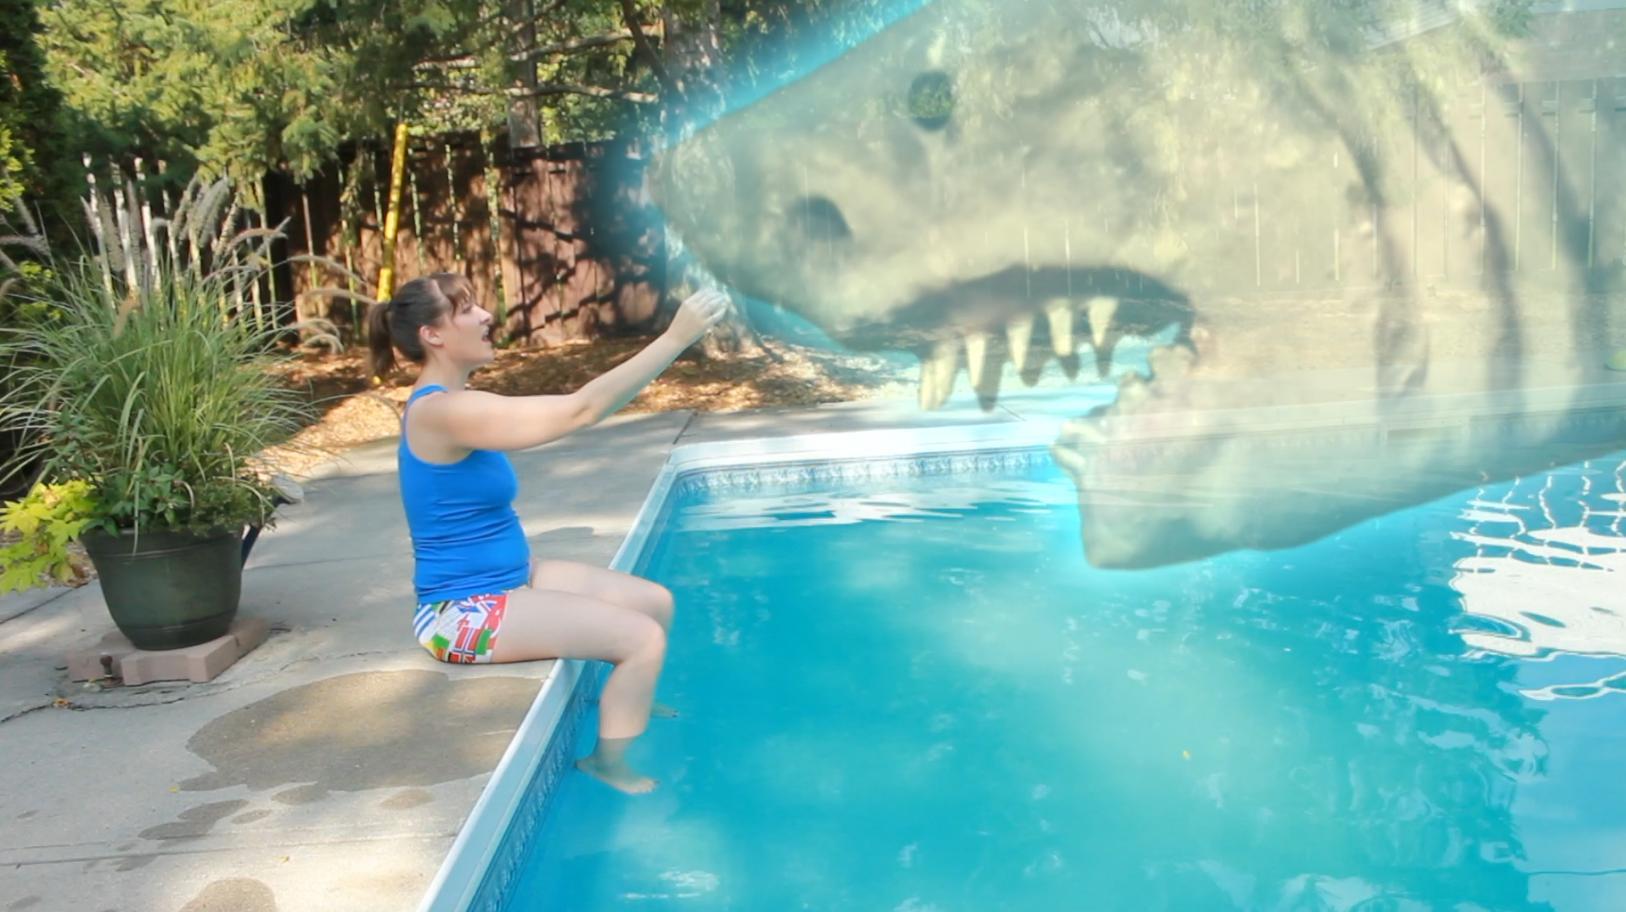 [Movie Review] OUIJA SHARK